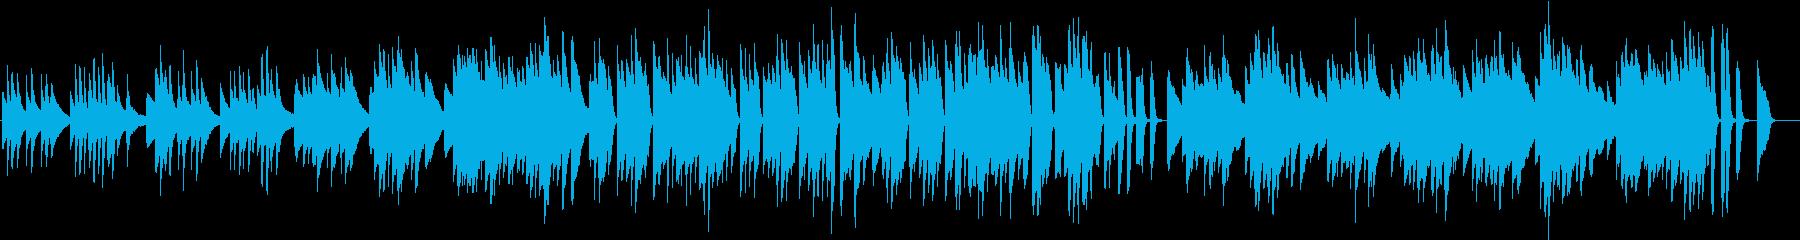 エンターテイナー(ピアノカバー)の再生済みの波形